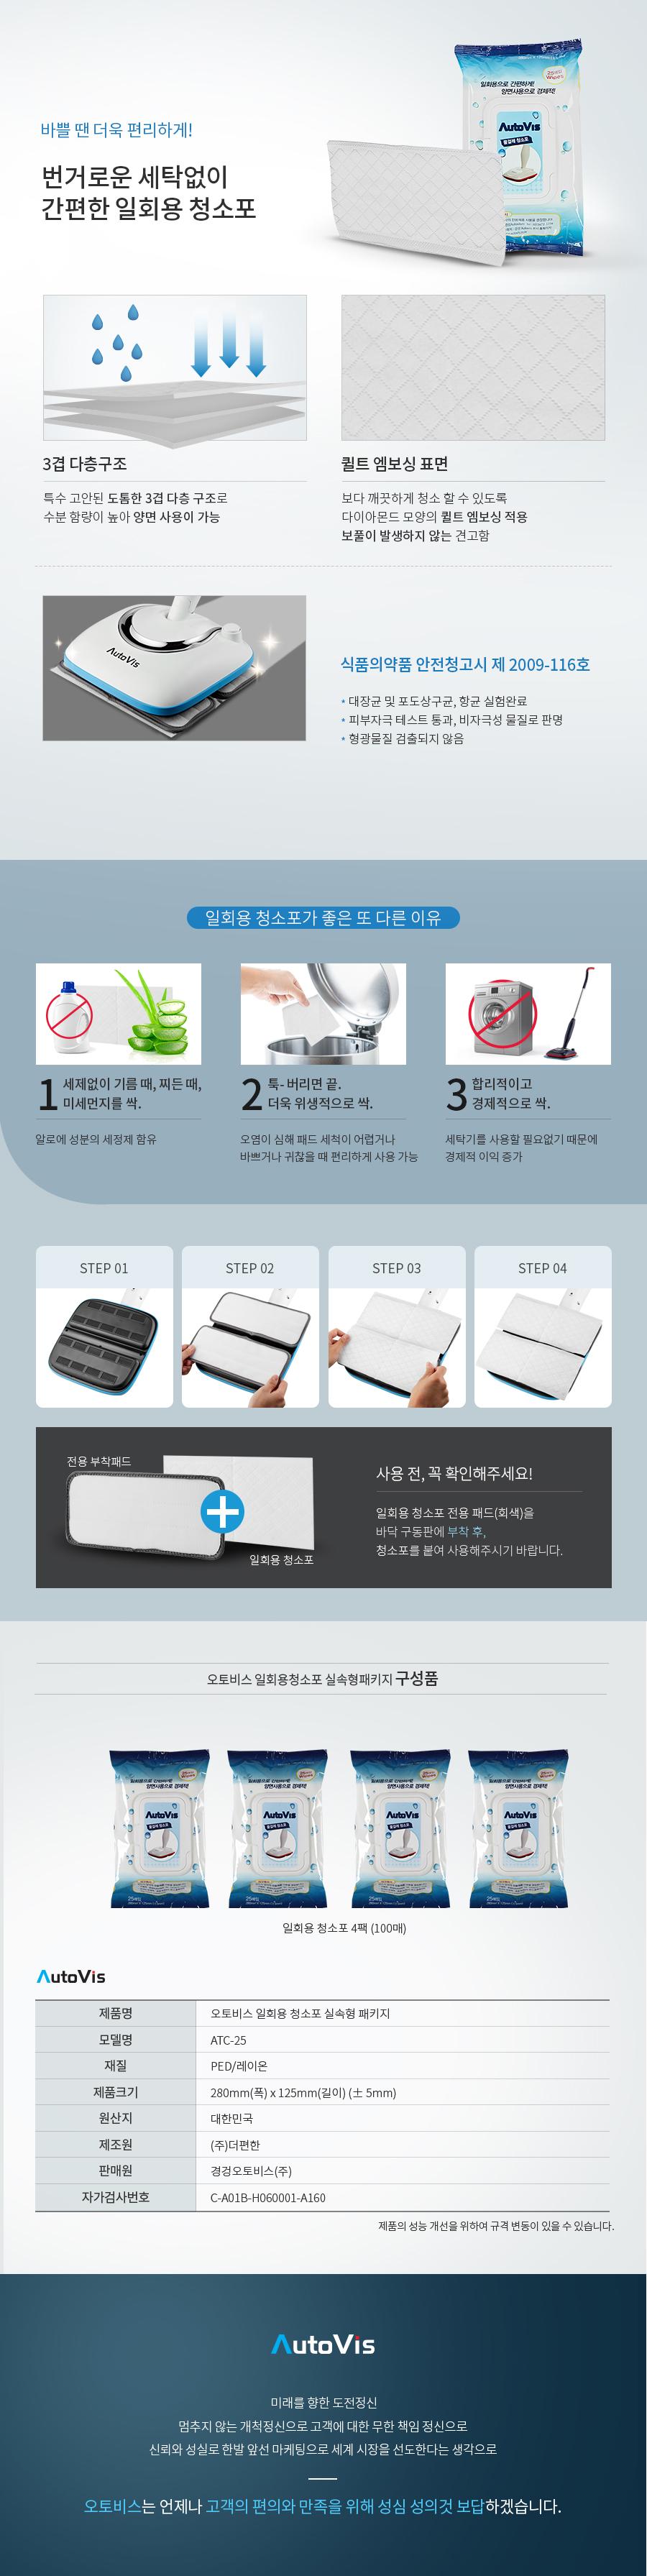 오토비스 일회용 청소포 패키지 (실속형) - 오토비스, 24,000원, 청소기, 물걸레 청소기